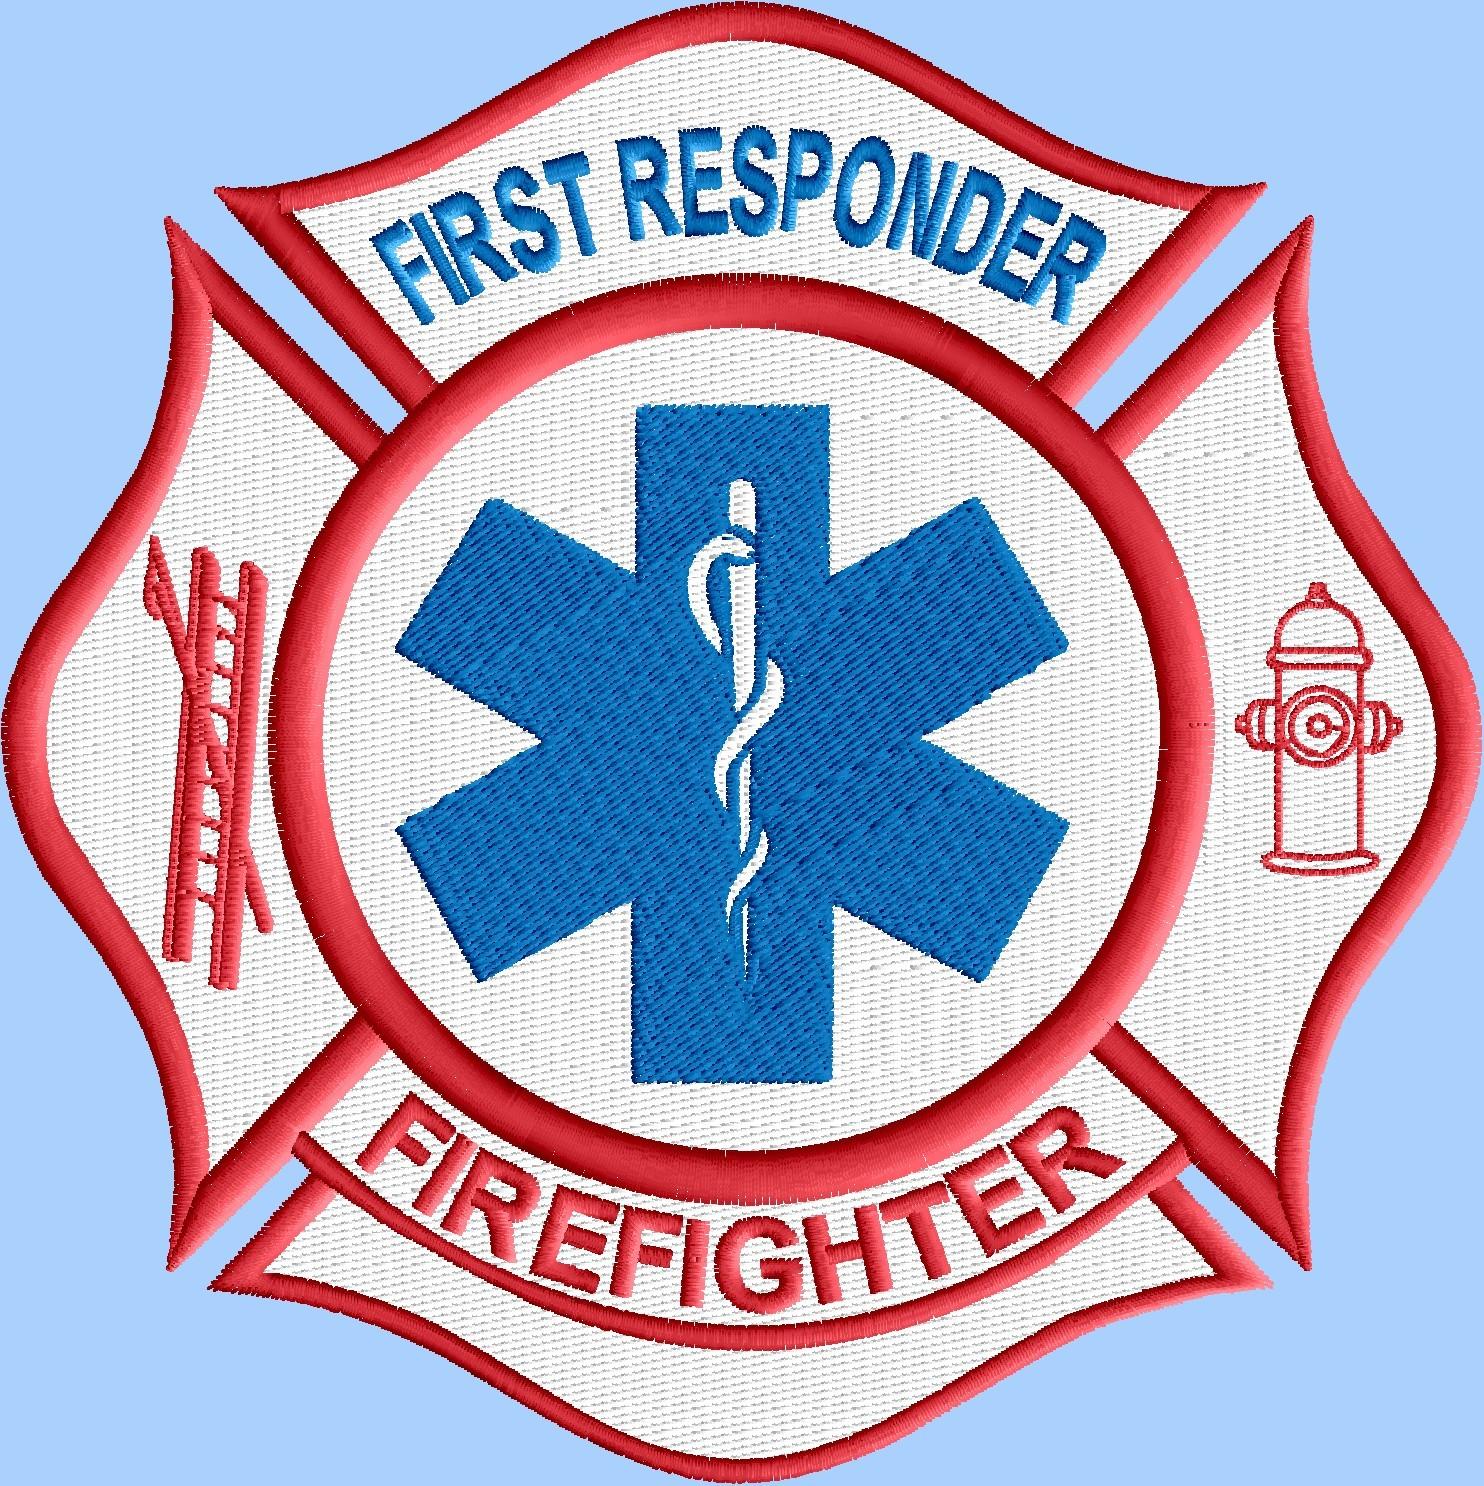 Emt First Responder Firefighter Logo 3 Size And 22 Similar